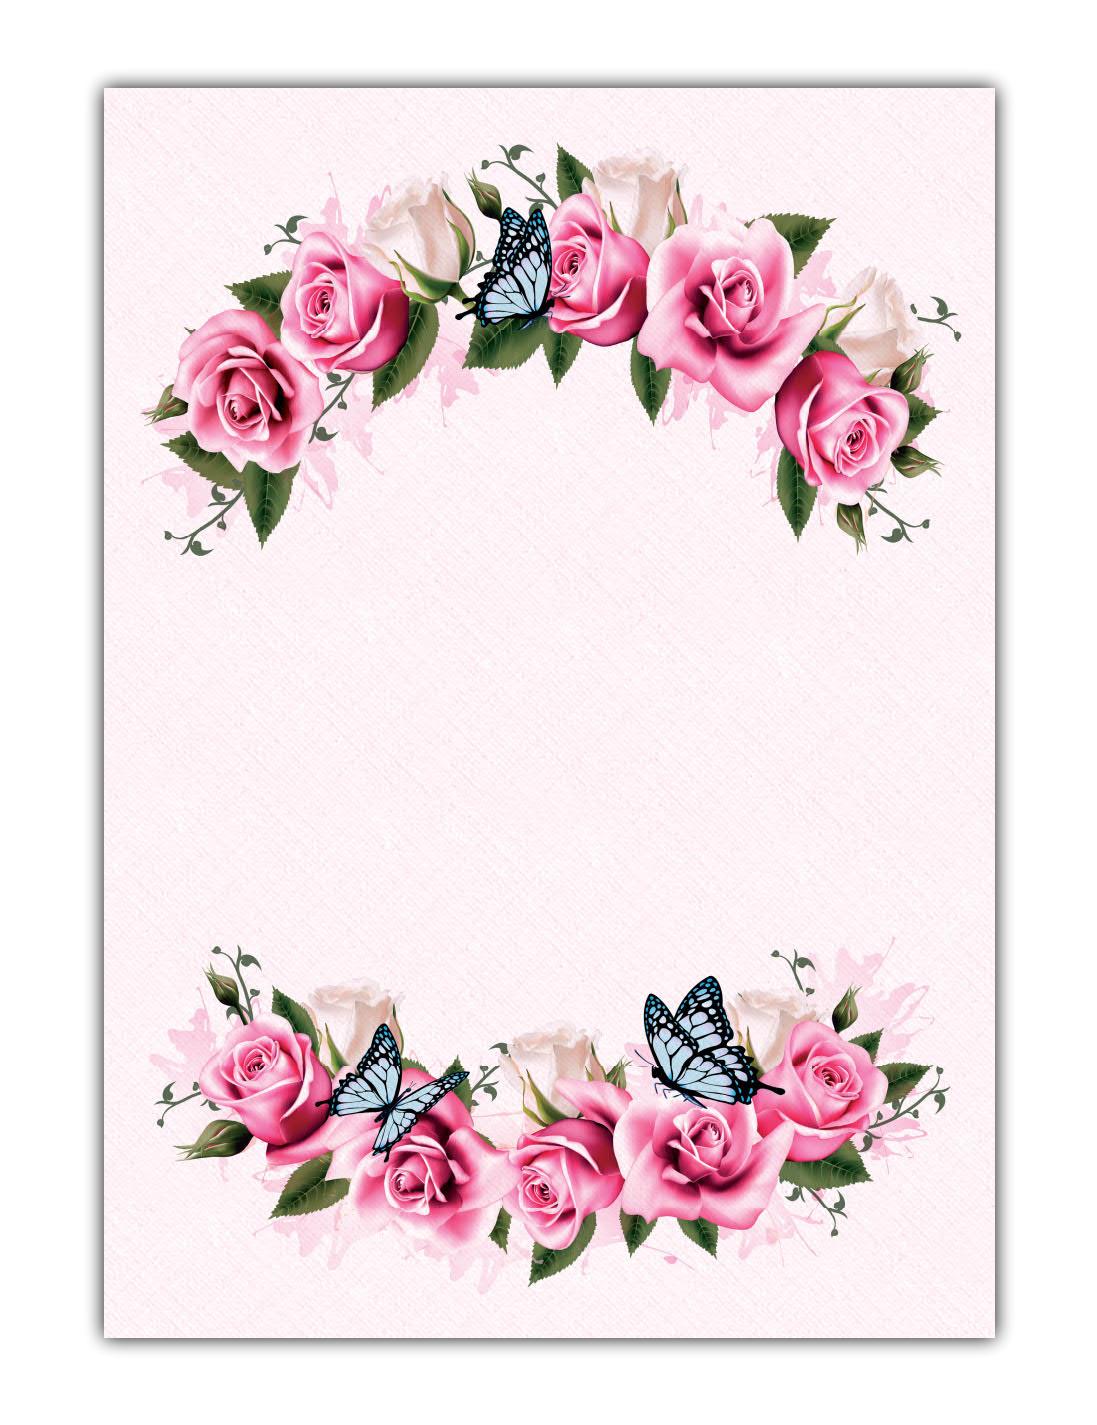 Blumen Motivpapier Briefpapier pink rosa Rosen mit blauen Schmetterlingen (MPA-5212, DIN A4, 100 Blatt)